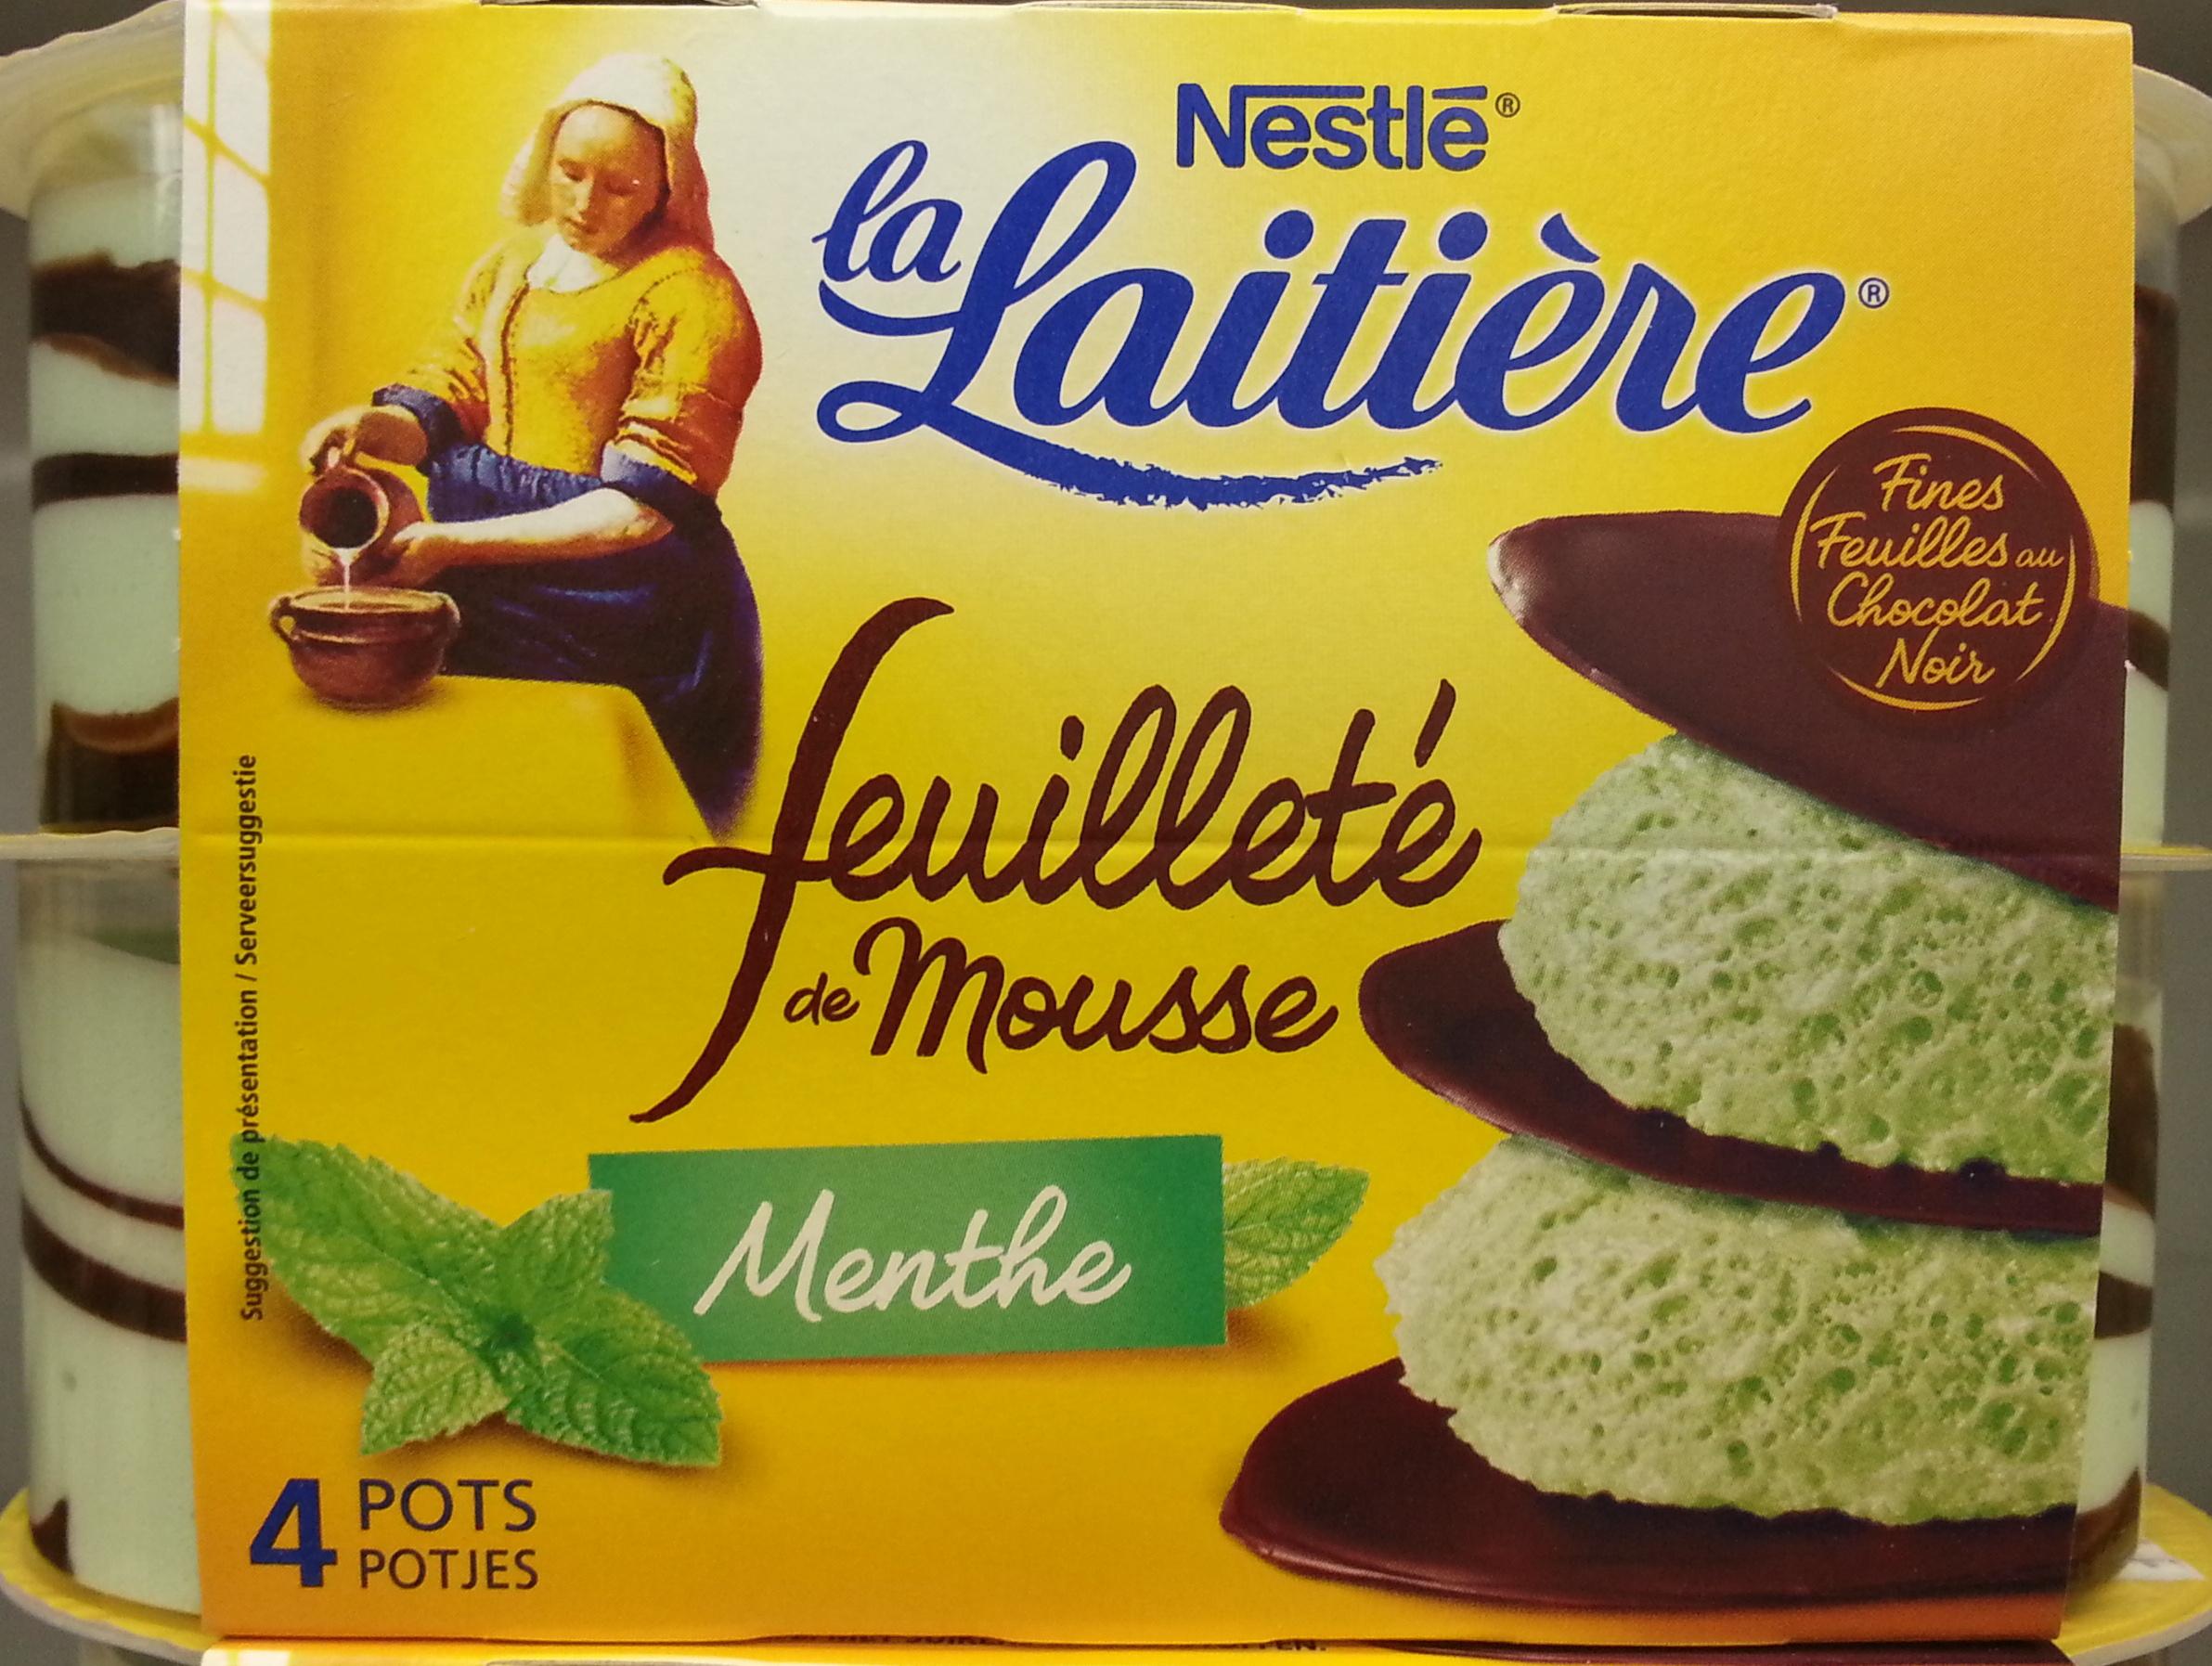 Feuilleté de Mousse Menthe (4 Pots) - Product